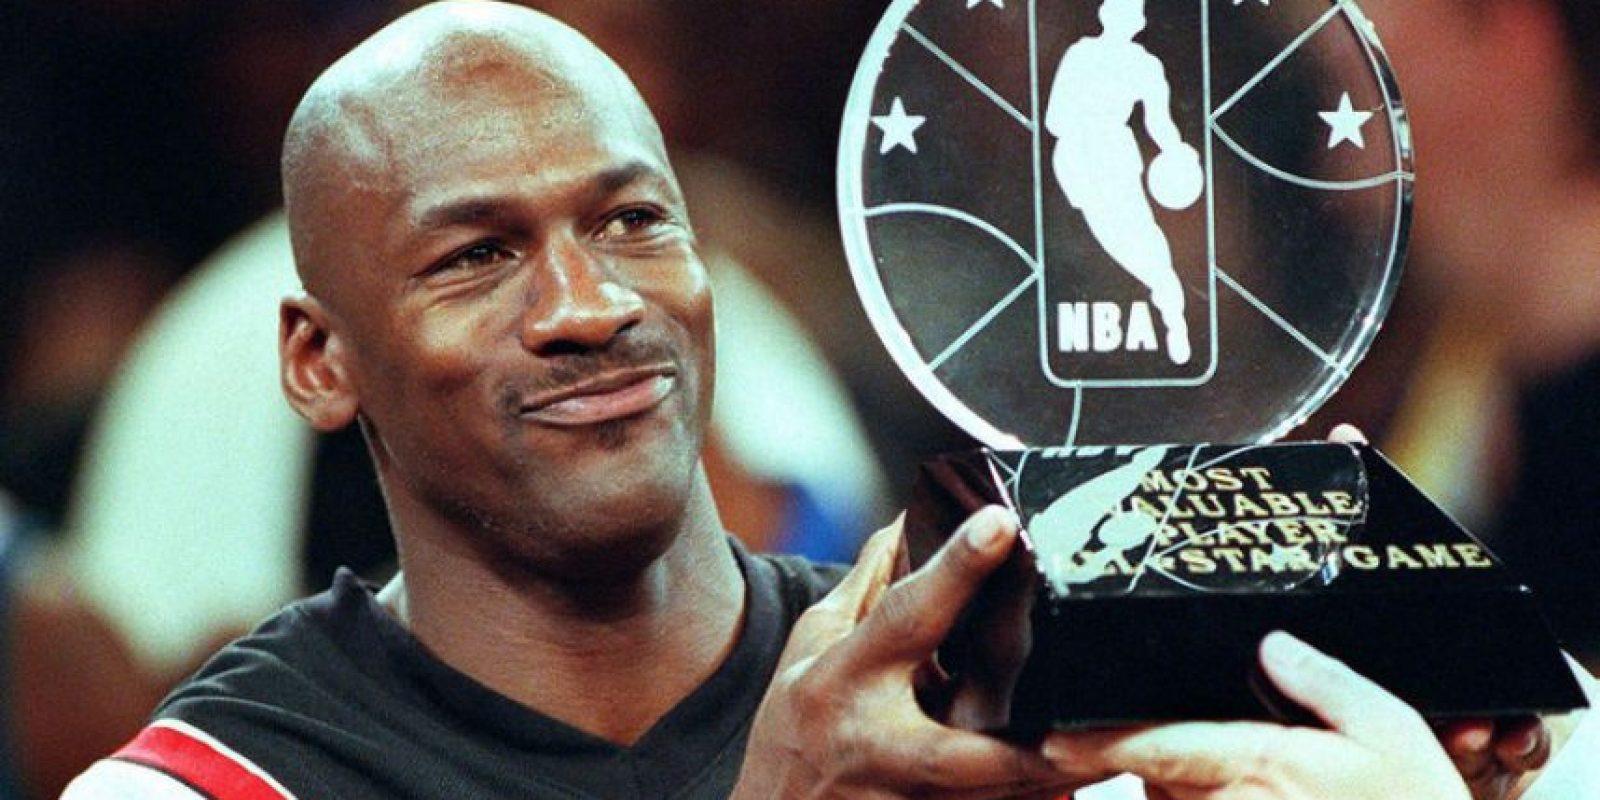 Durante su carrera Jordan ganó múltiples premios e impuso varios récords. Foto:cirrusinsight.com